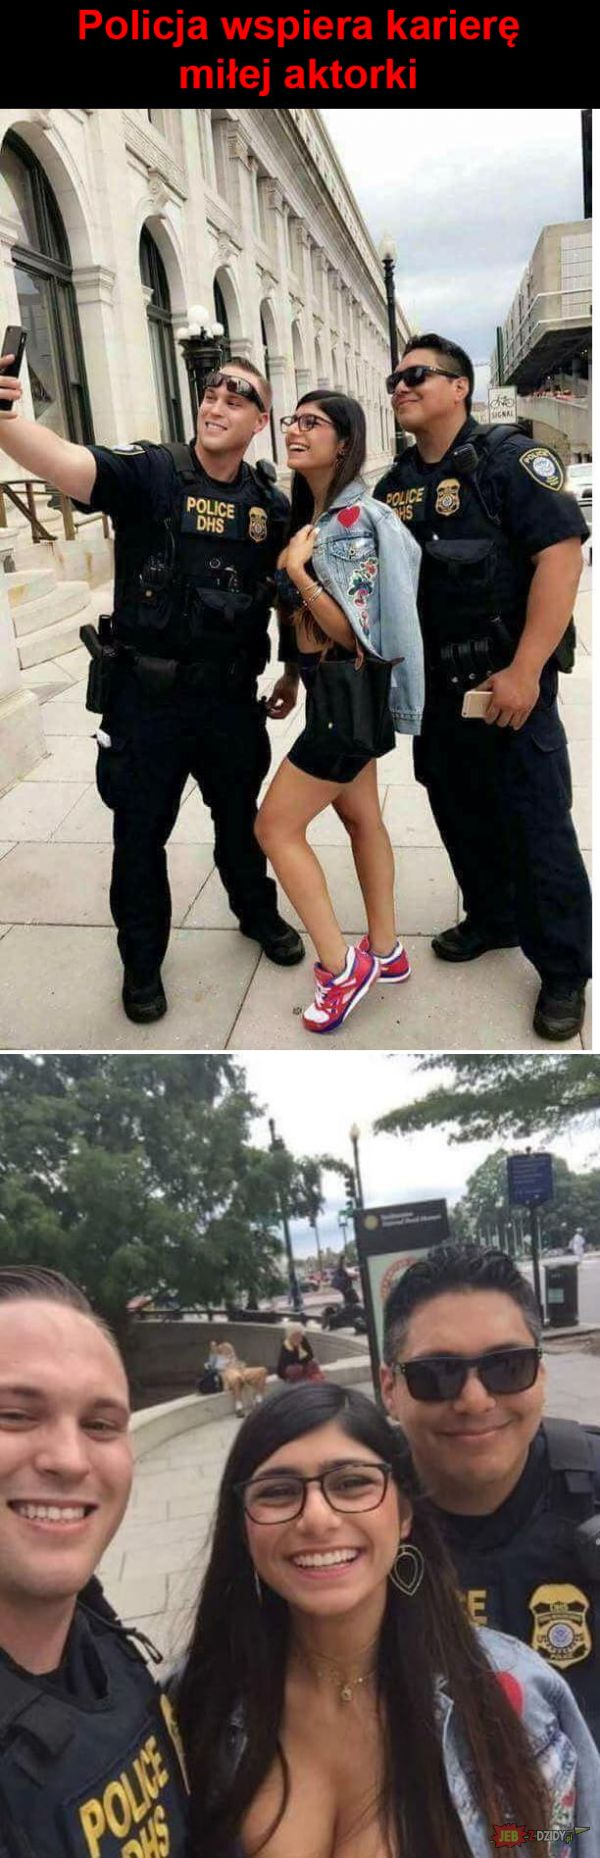 Policja wspiera Mię Khalifę